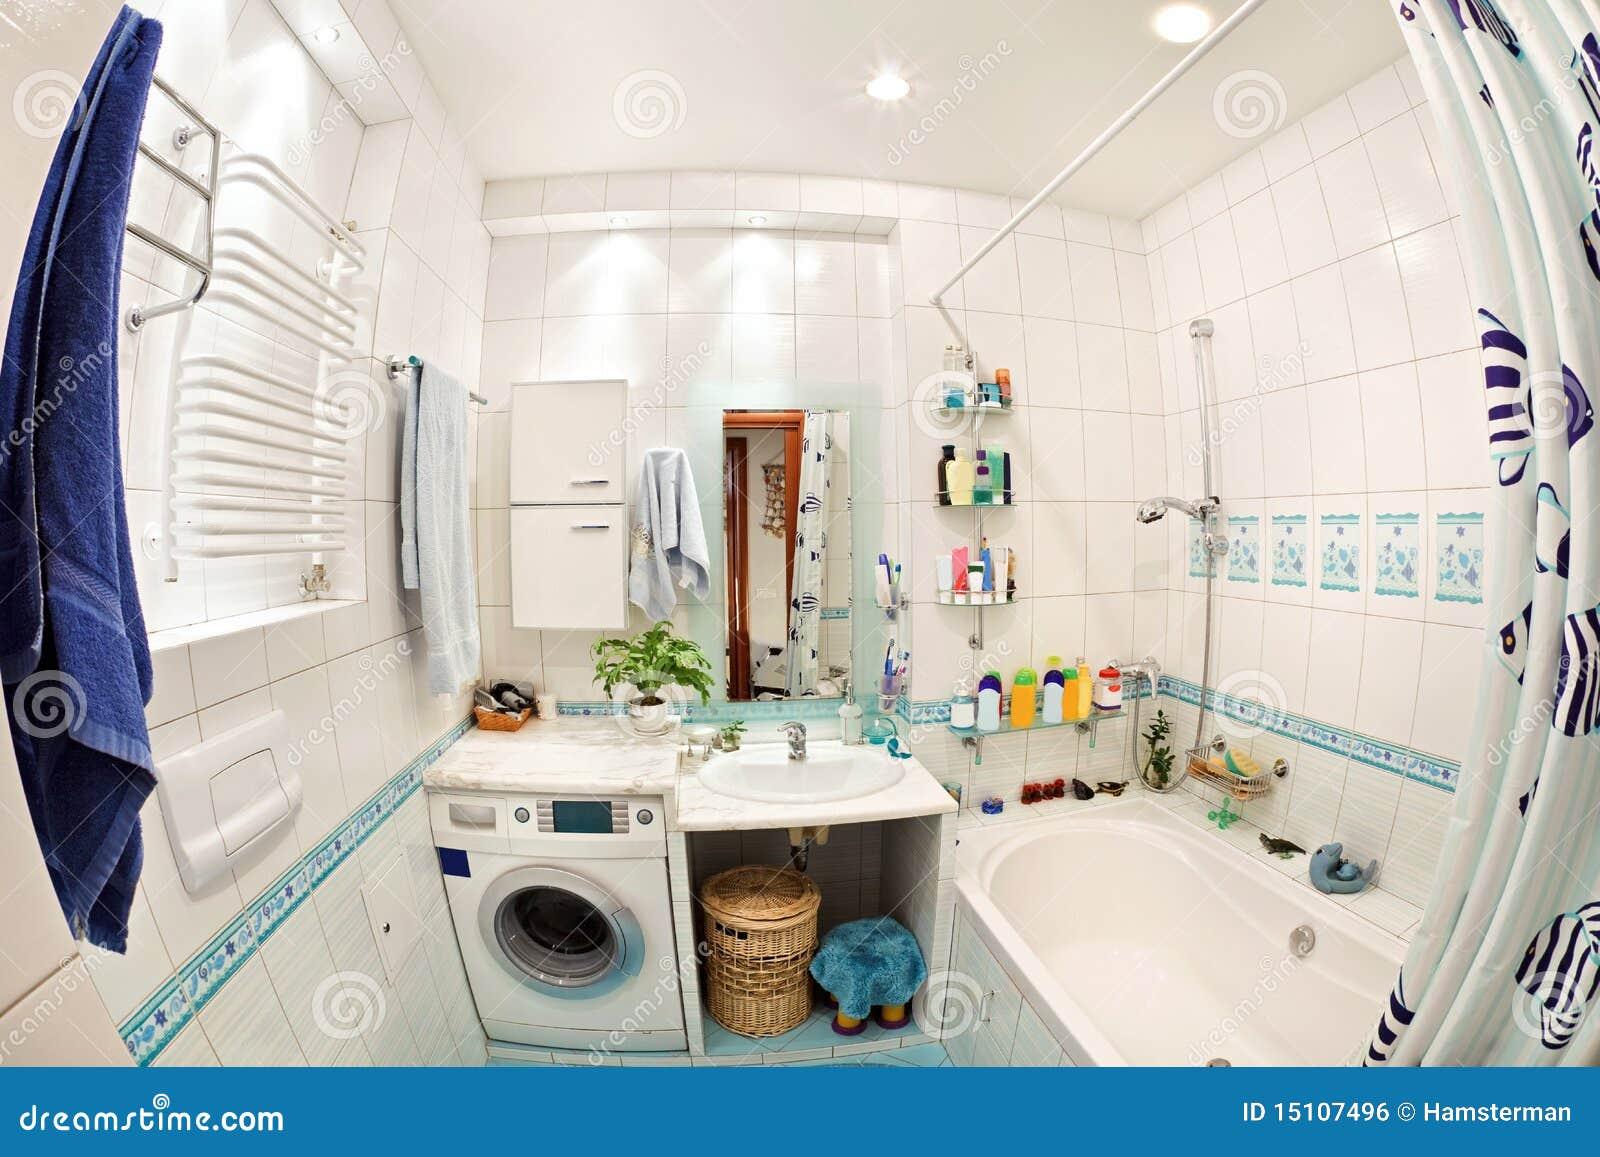 Petite salle de bains moderne dans des couleurs bleues image libre ...